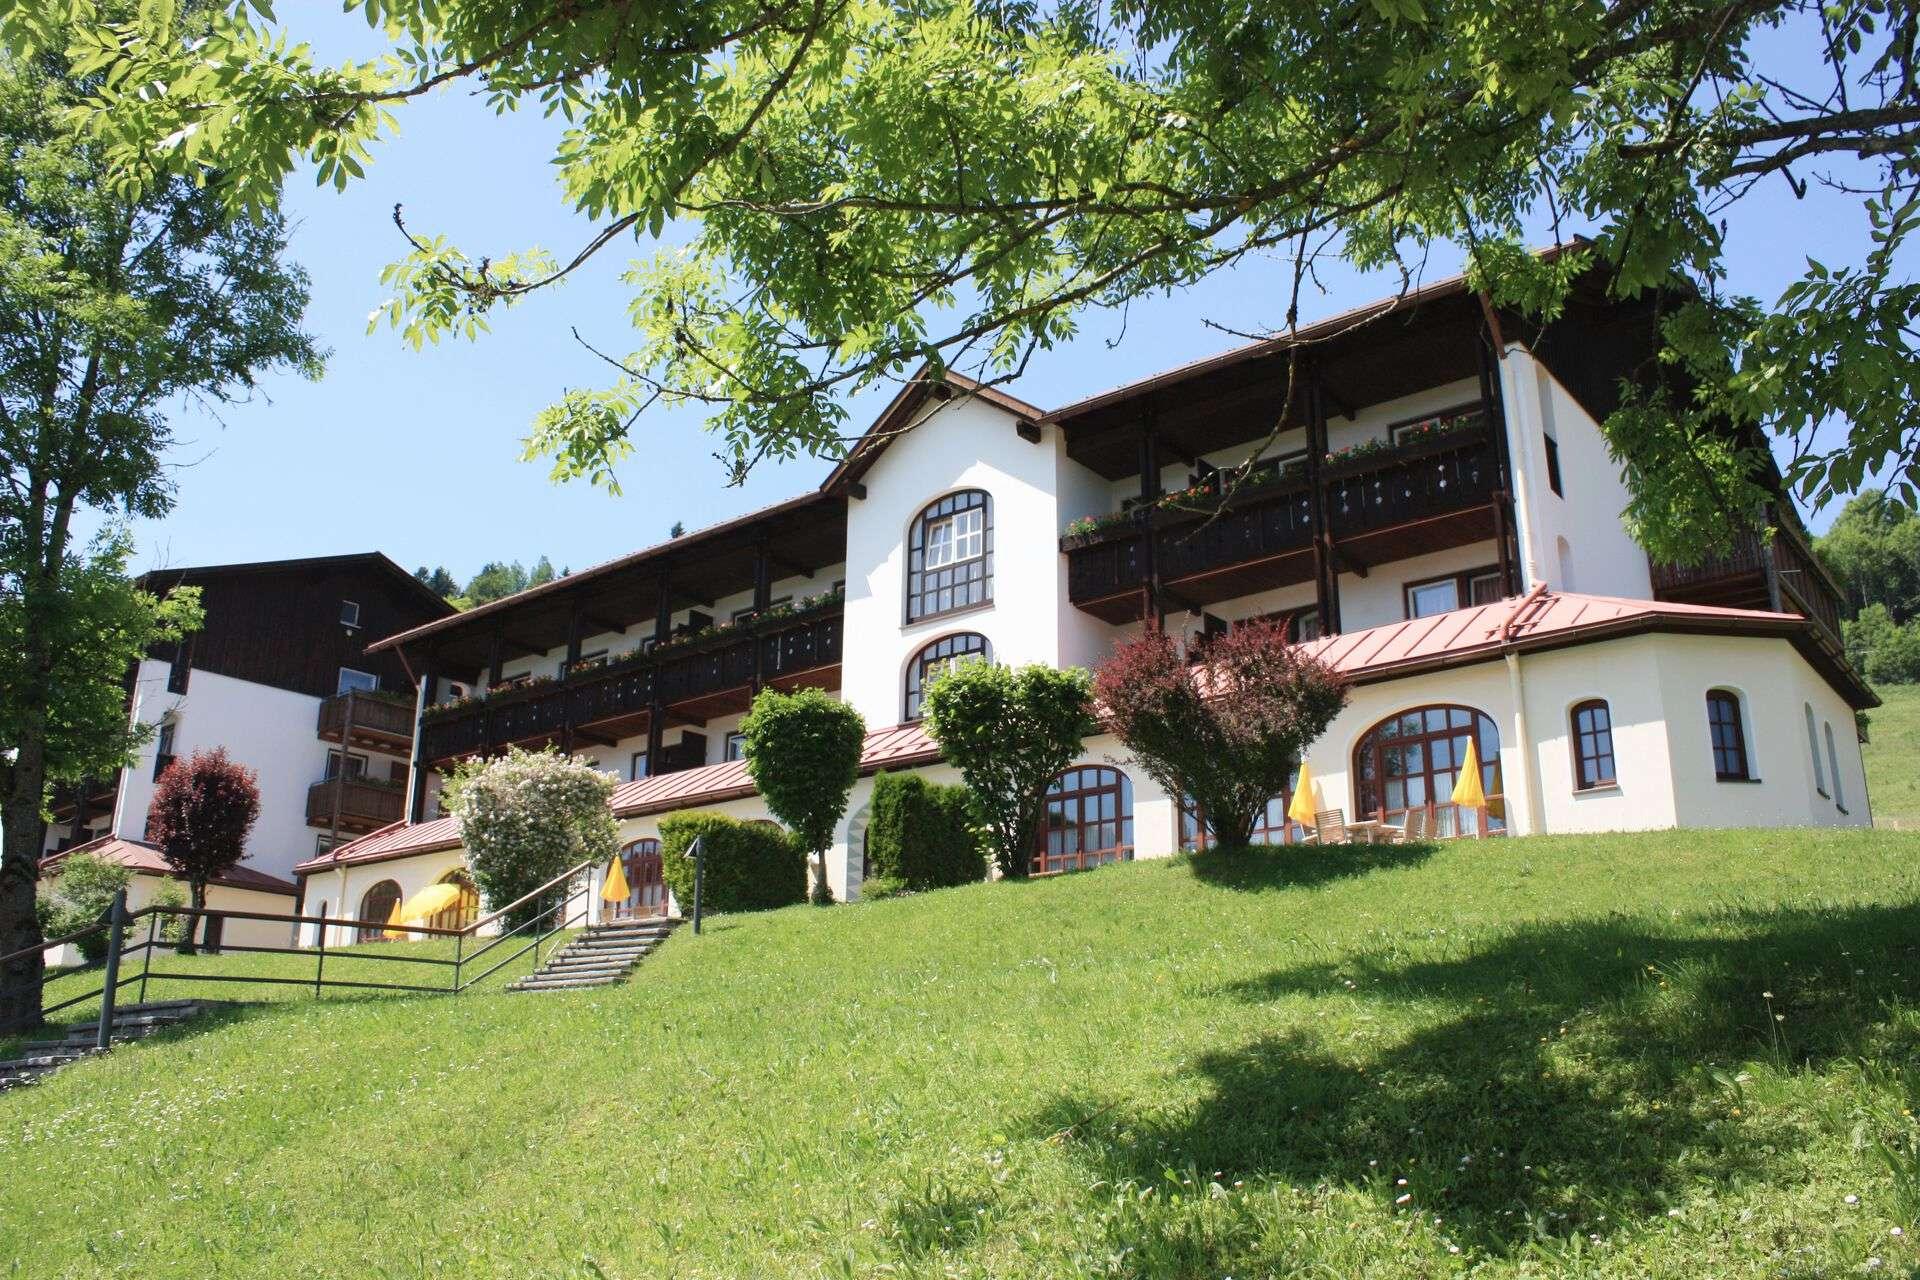 MONDI Hotel Oberstaufen